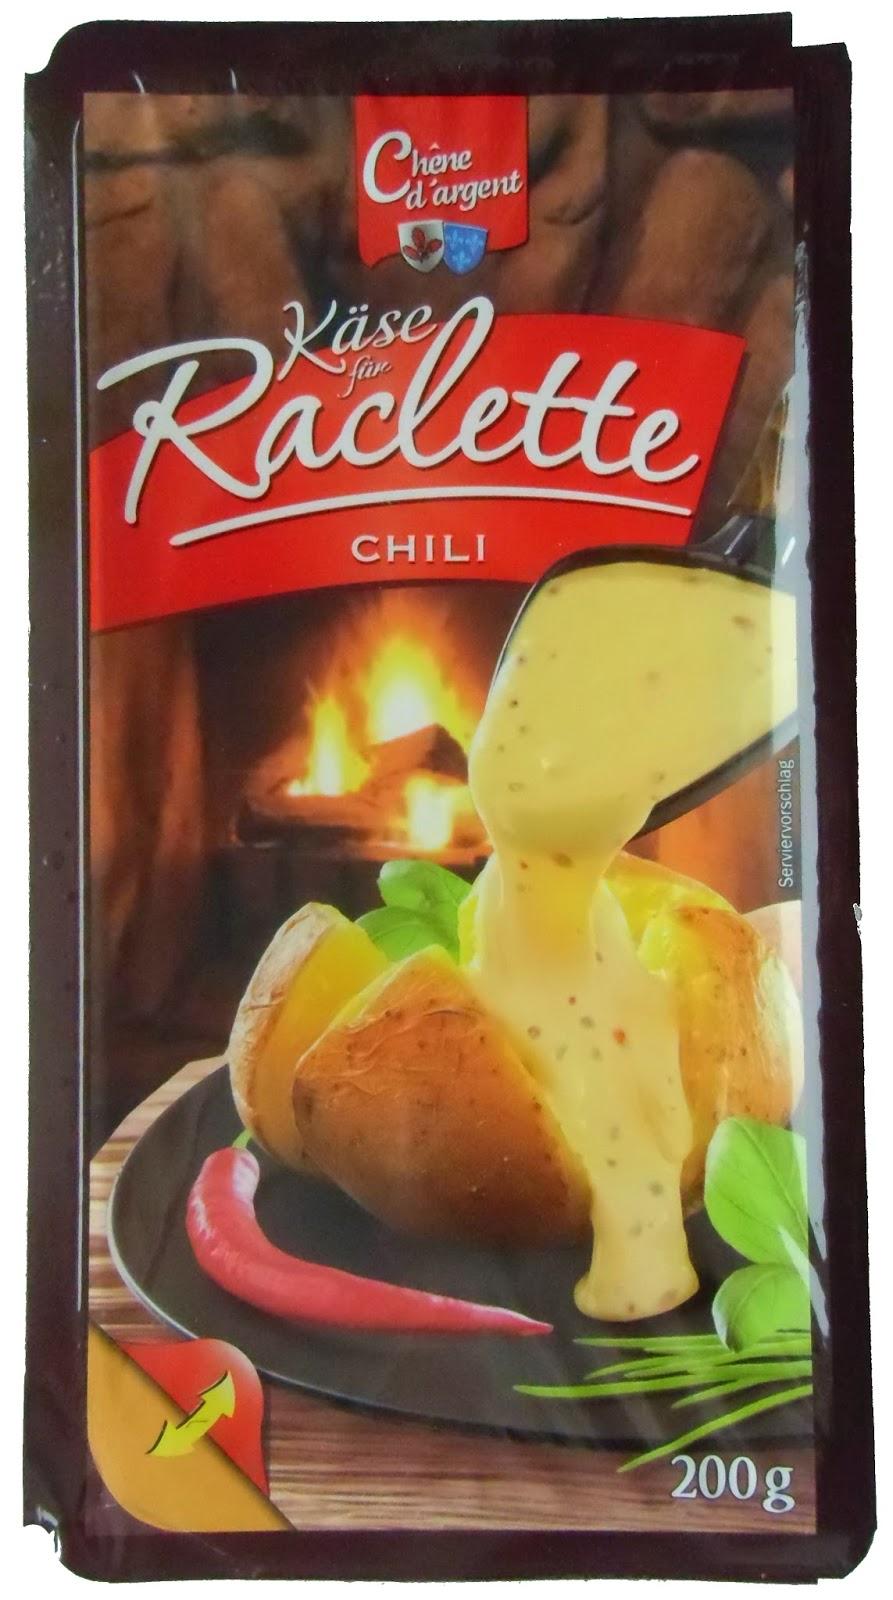 lidl ch ne d 39 argent k se f r raclette chili. Black Bedroom Furniture Sets. Home Design Ideas